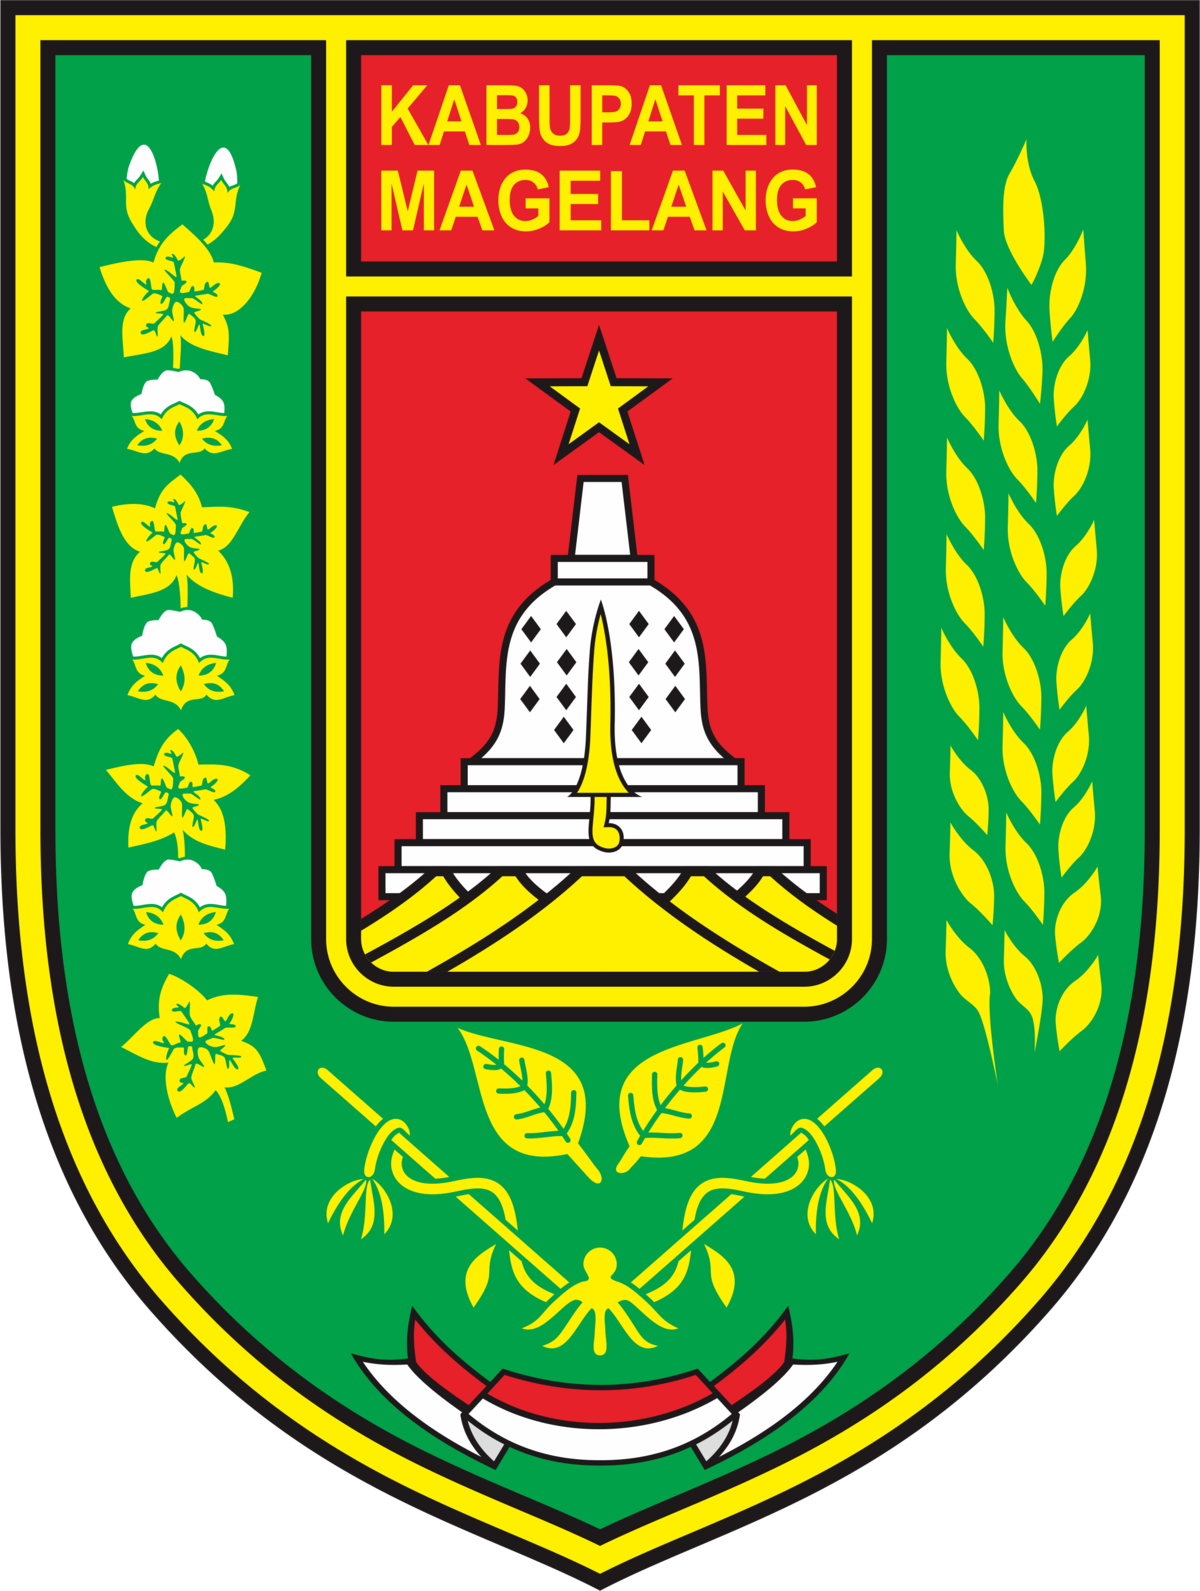 Kabupaten Magelang Wikipedia Bahasa Indonesia Ensiklopedia Bebas Gardu Pandang Kuadaan